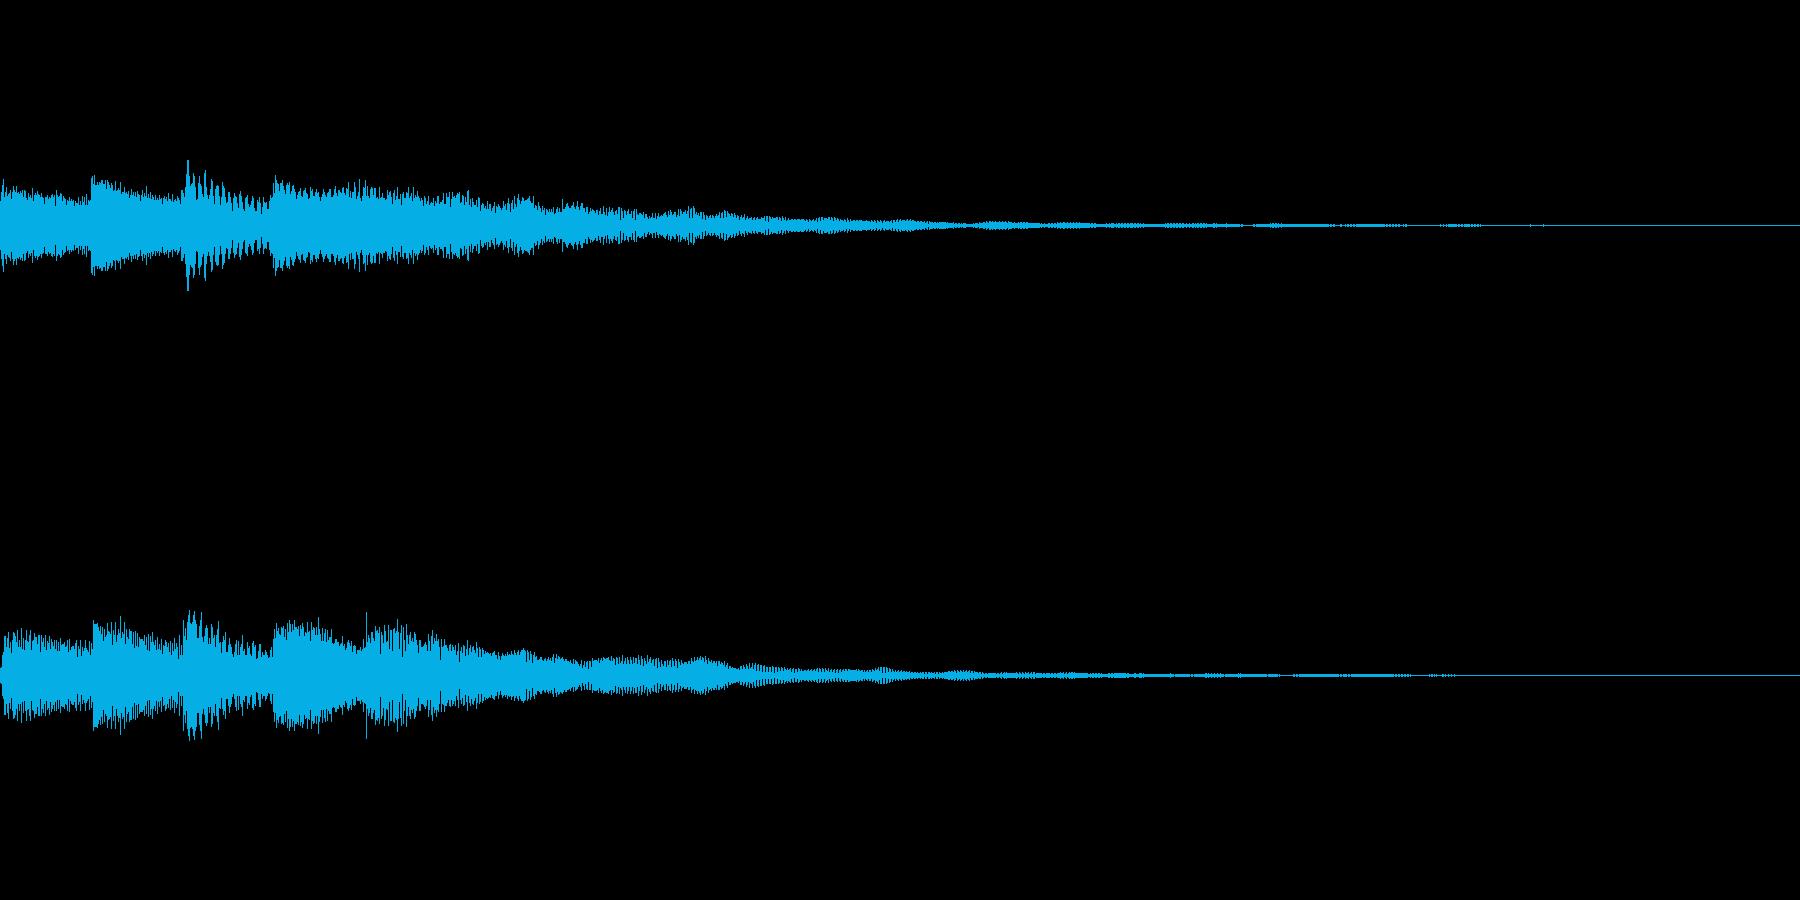 幻想的でミステリアスなピアノのスタート音の再生済みの波形